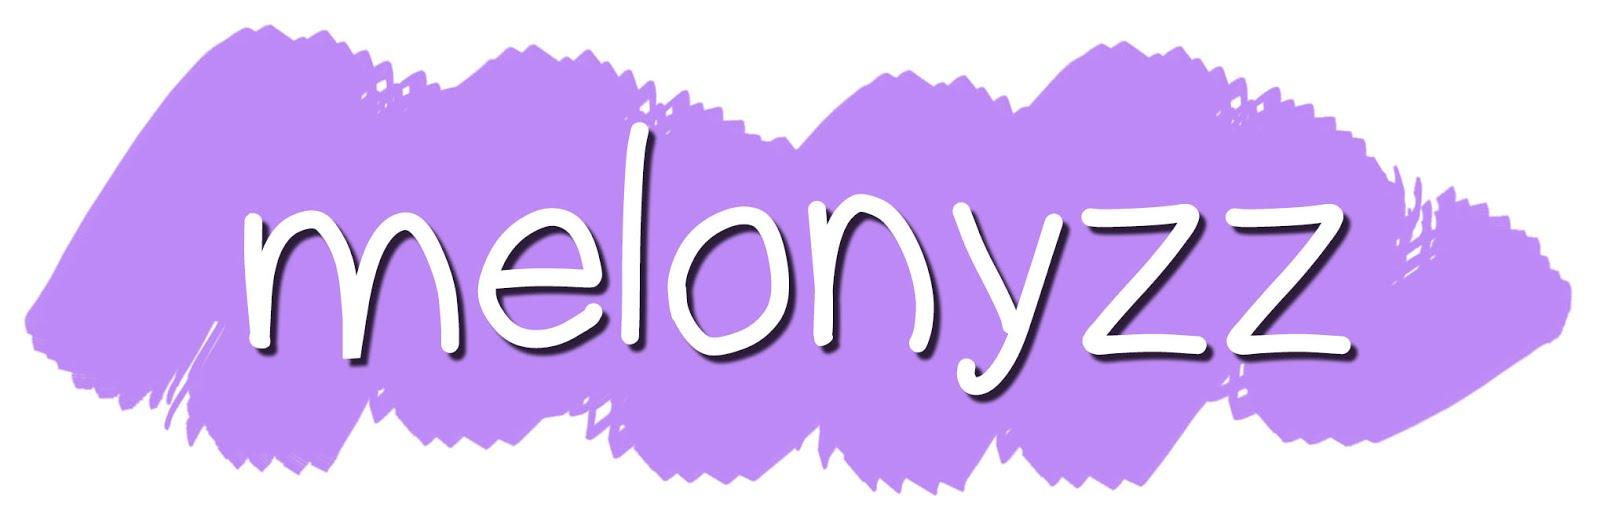 melonyzz